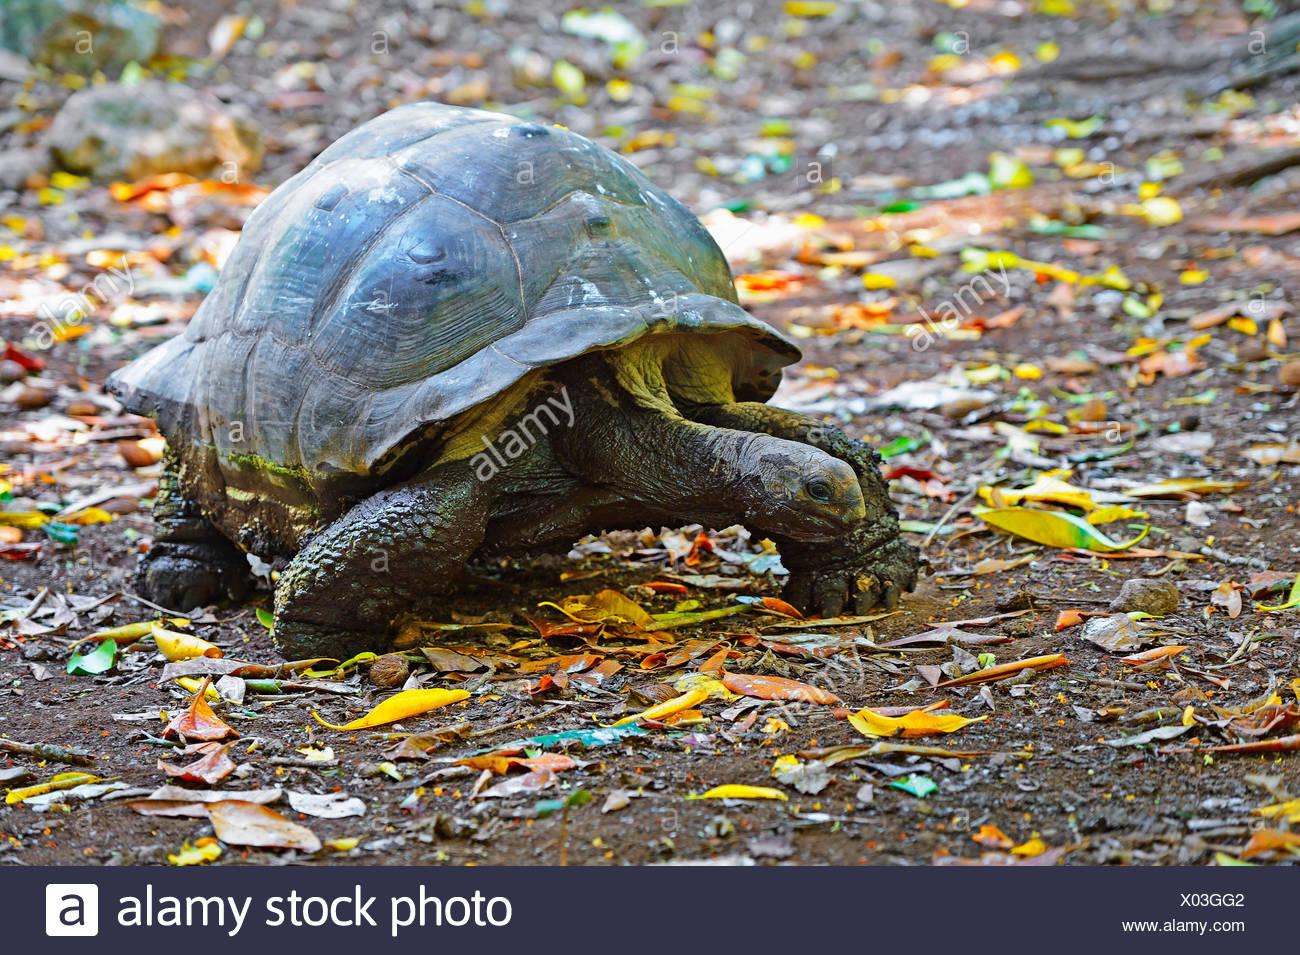 Seychelles giant tortoise, Aldabran giant tortoise, Aldabra giant tortoise (Aldabrachelys gigantea, Testudo gigantea, Geochelone gigantea, Megalochelys gigantea), on the feed, Seychelles, Cousin - Stock Image